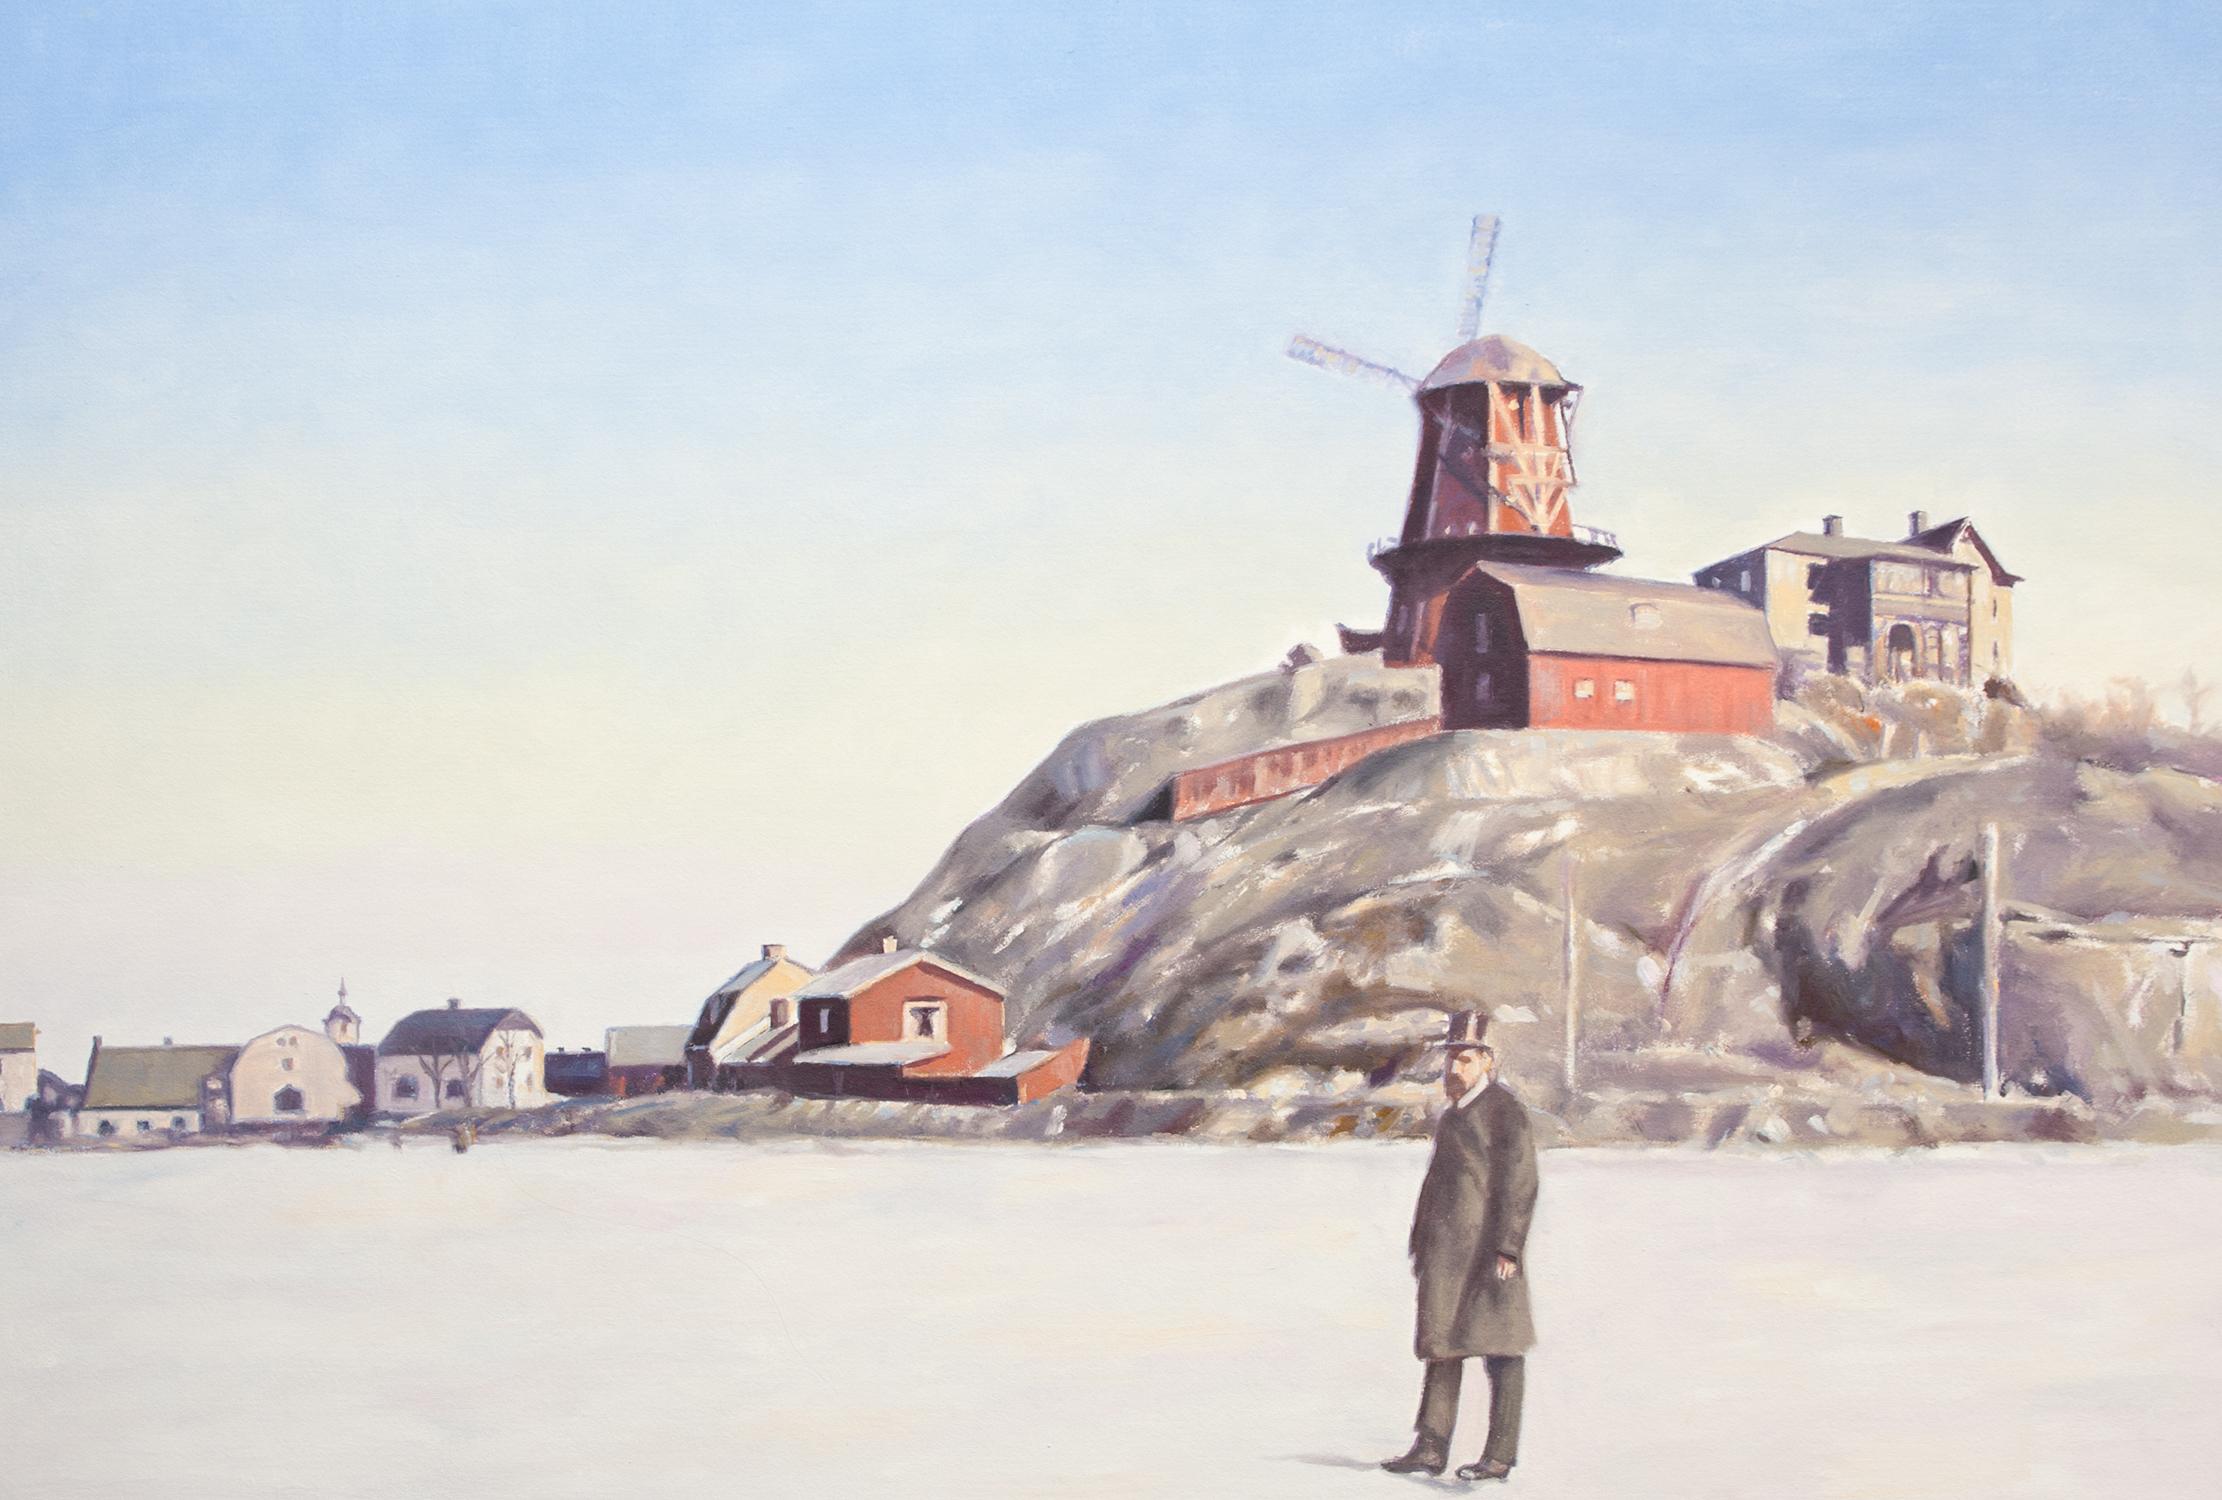 Claes-Åke Schlönzig - Danviksklippan sett från Hammarby sjö 1892 - Klicka för att byta till perspektivbild.